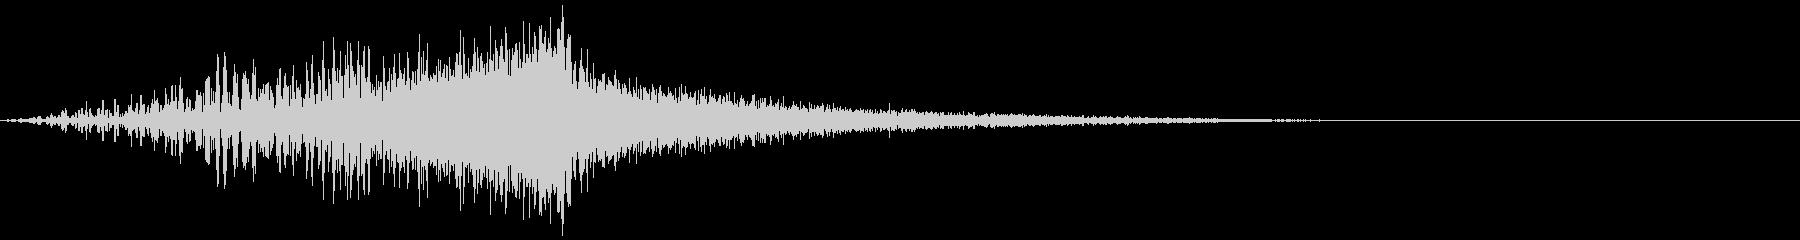 シューッという音EC07_91_1の未再生の波形